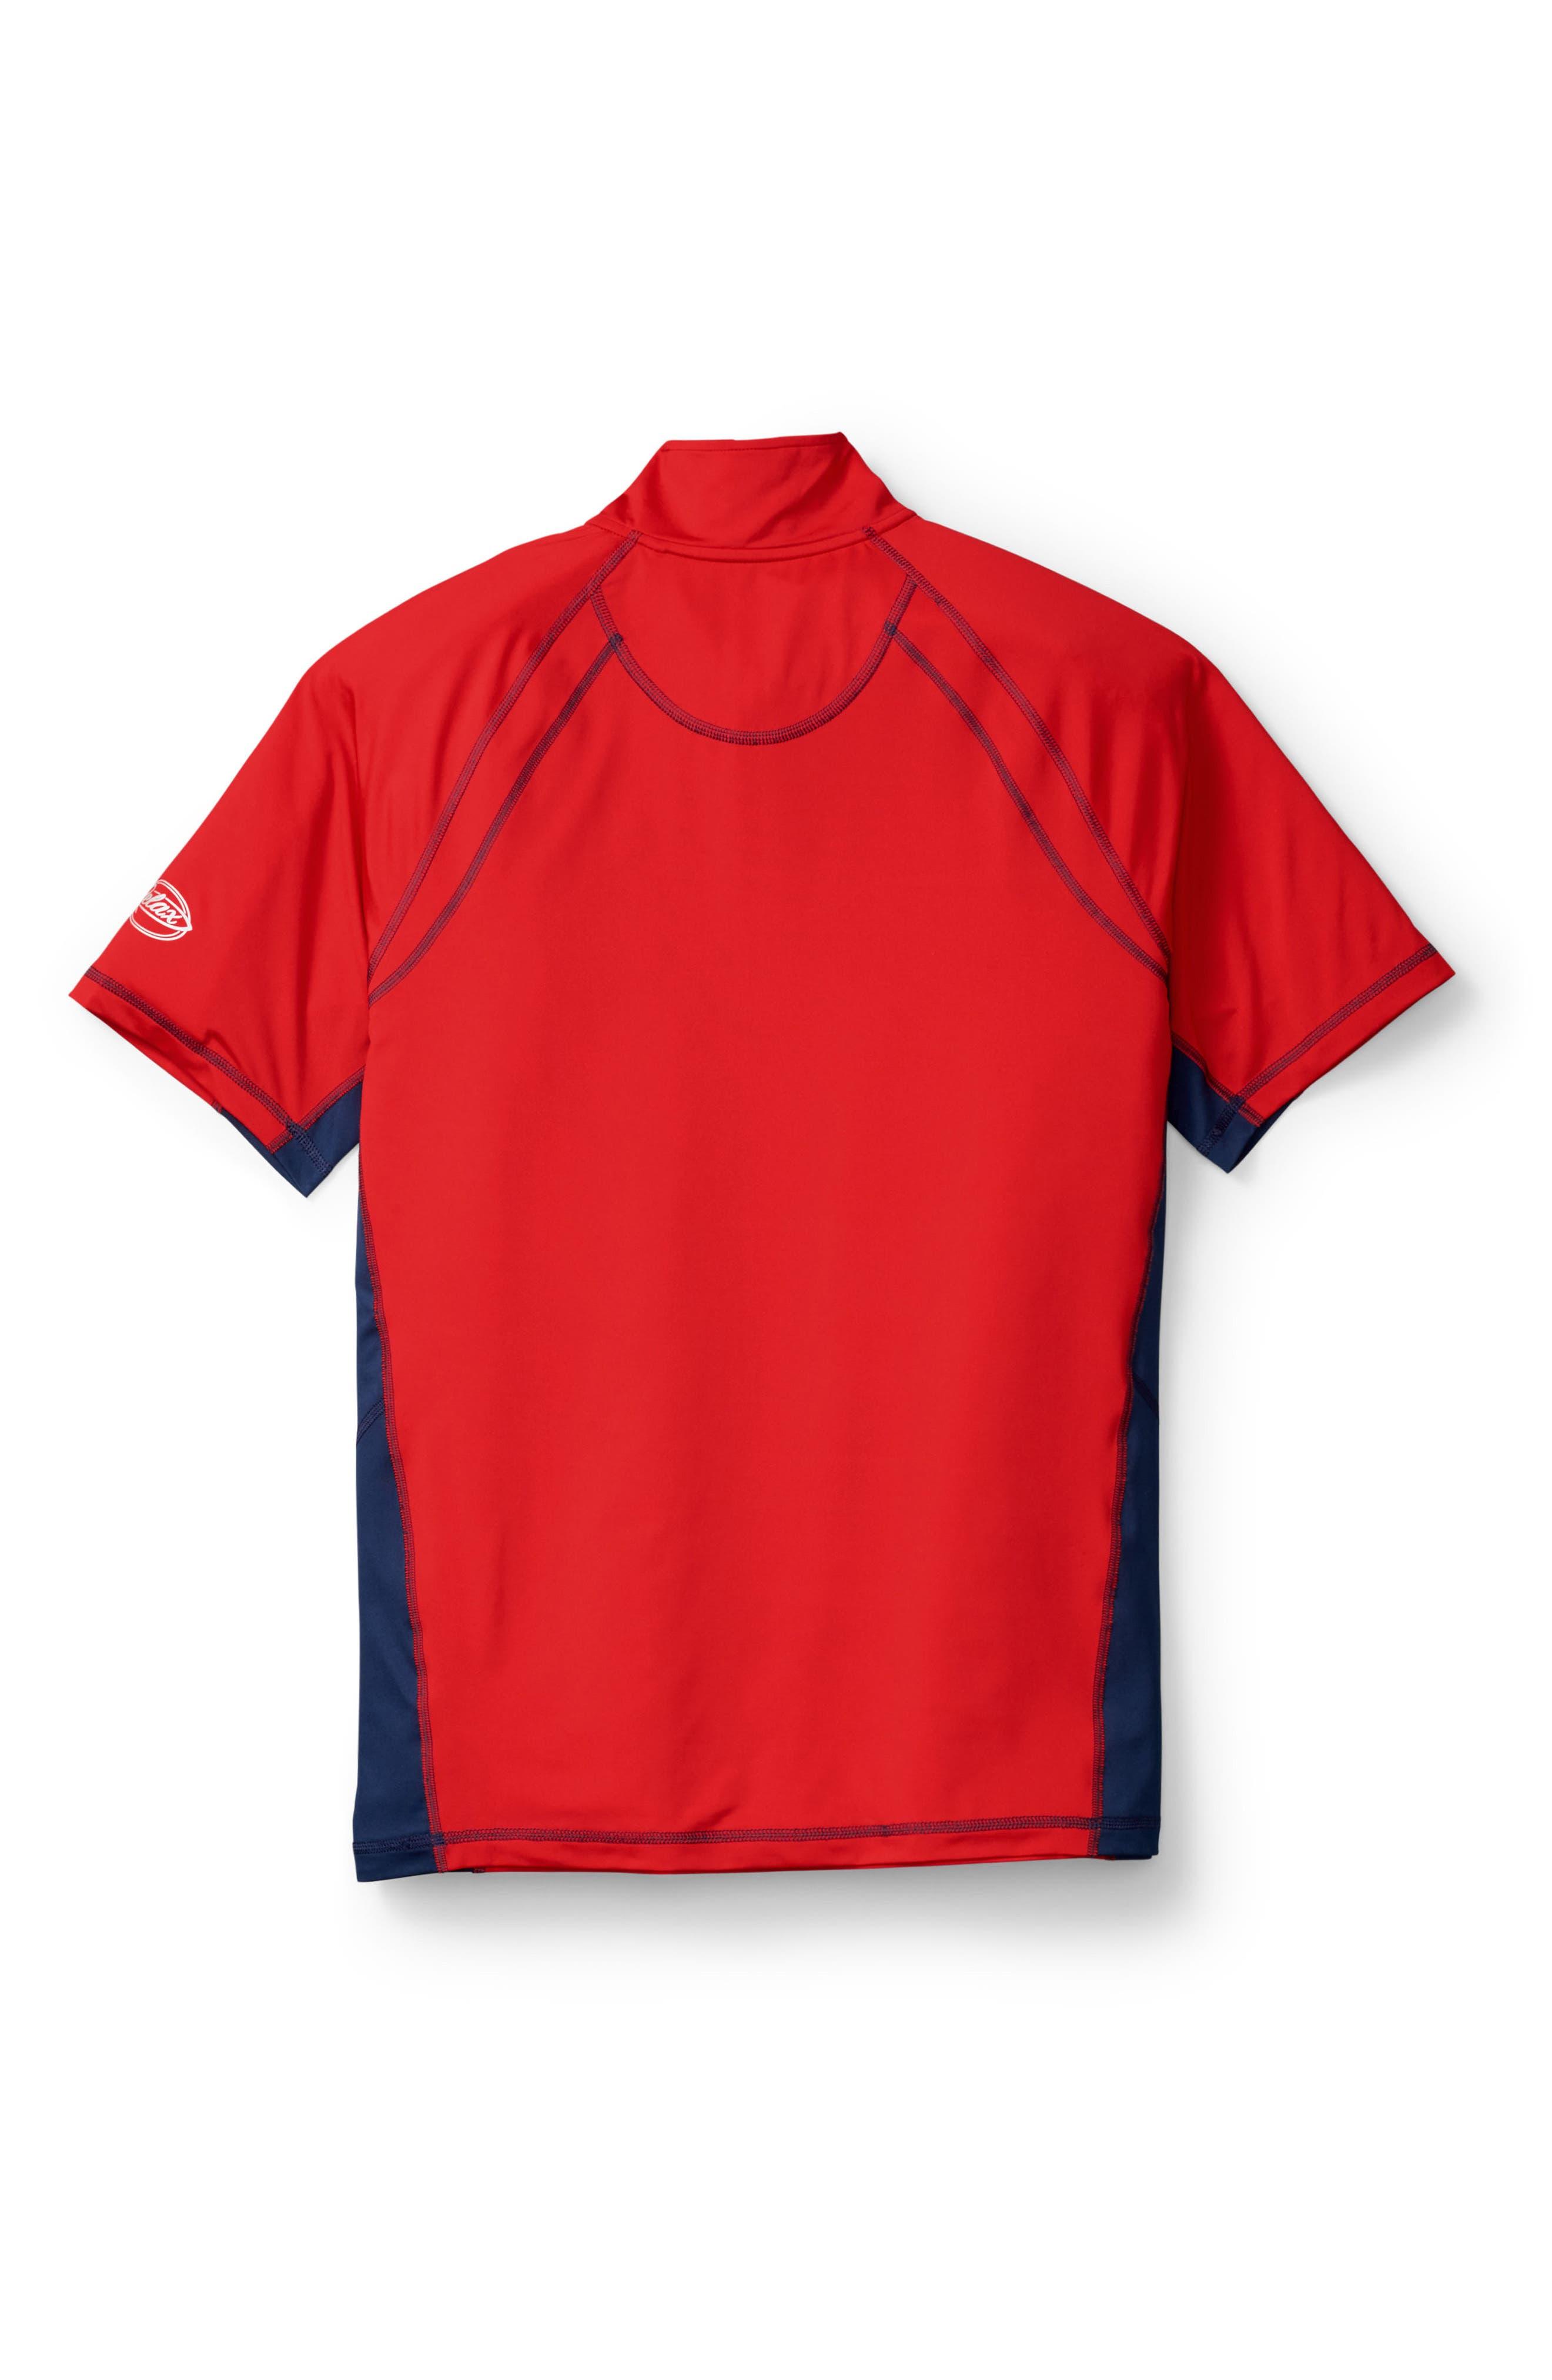 Tour de Surf Tech Shirt,                             Main thumbnail 1, color,                             Cherry Tomato